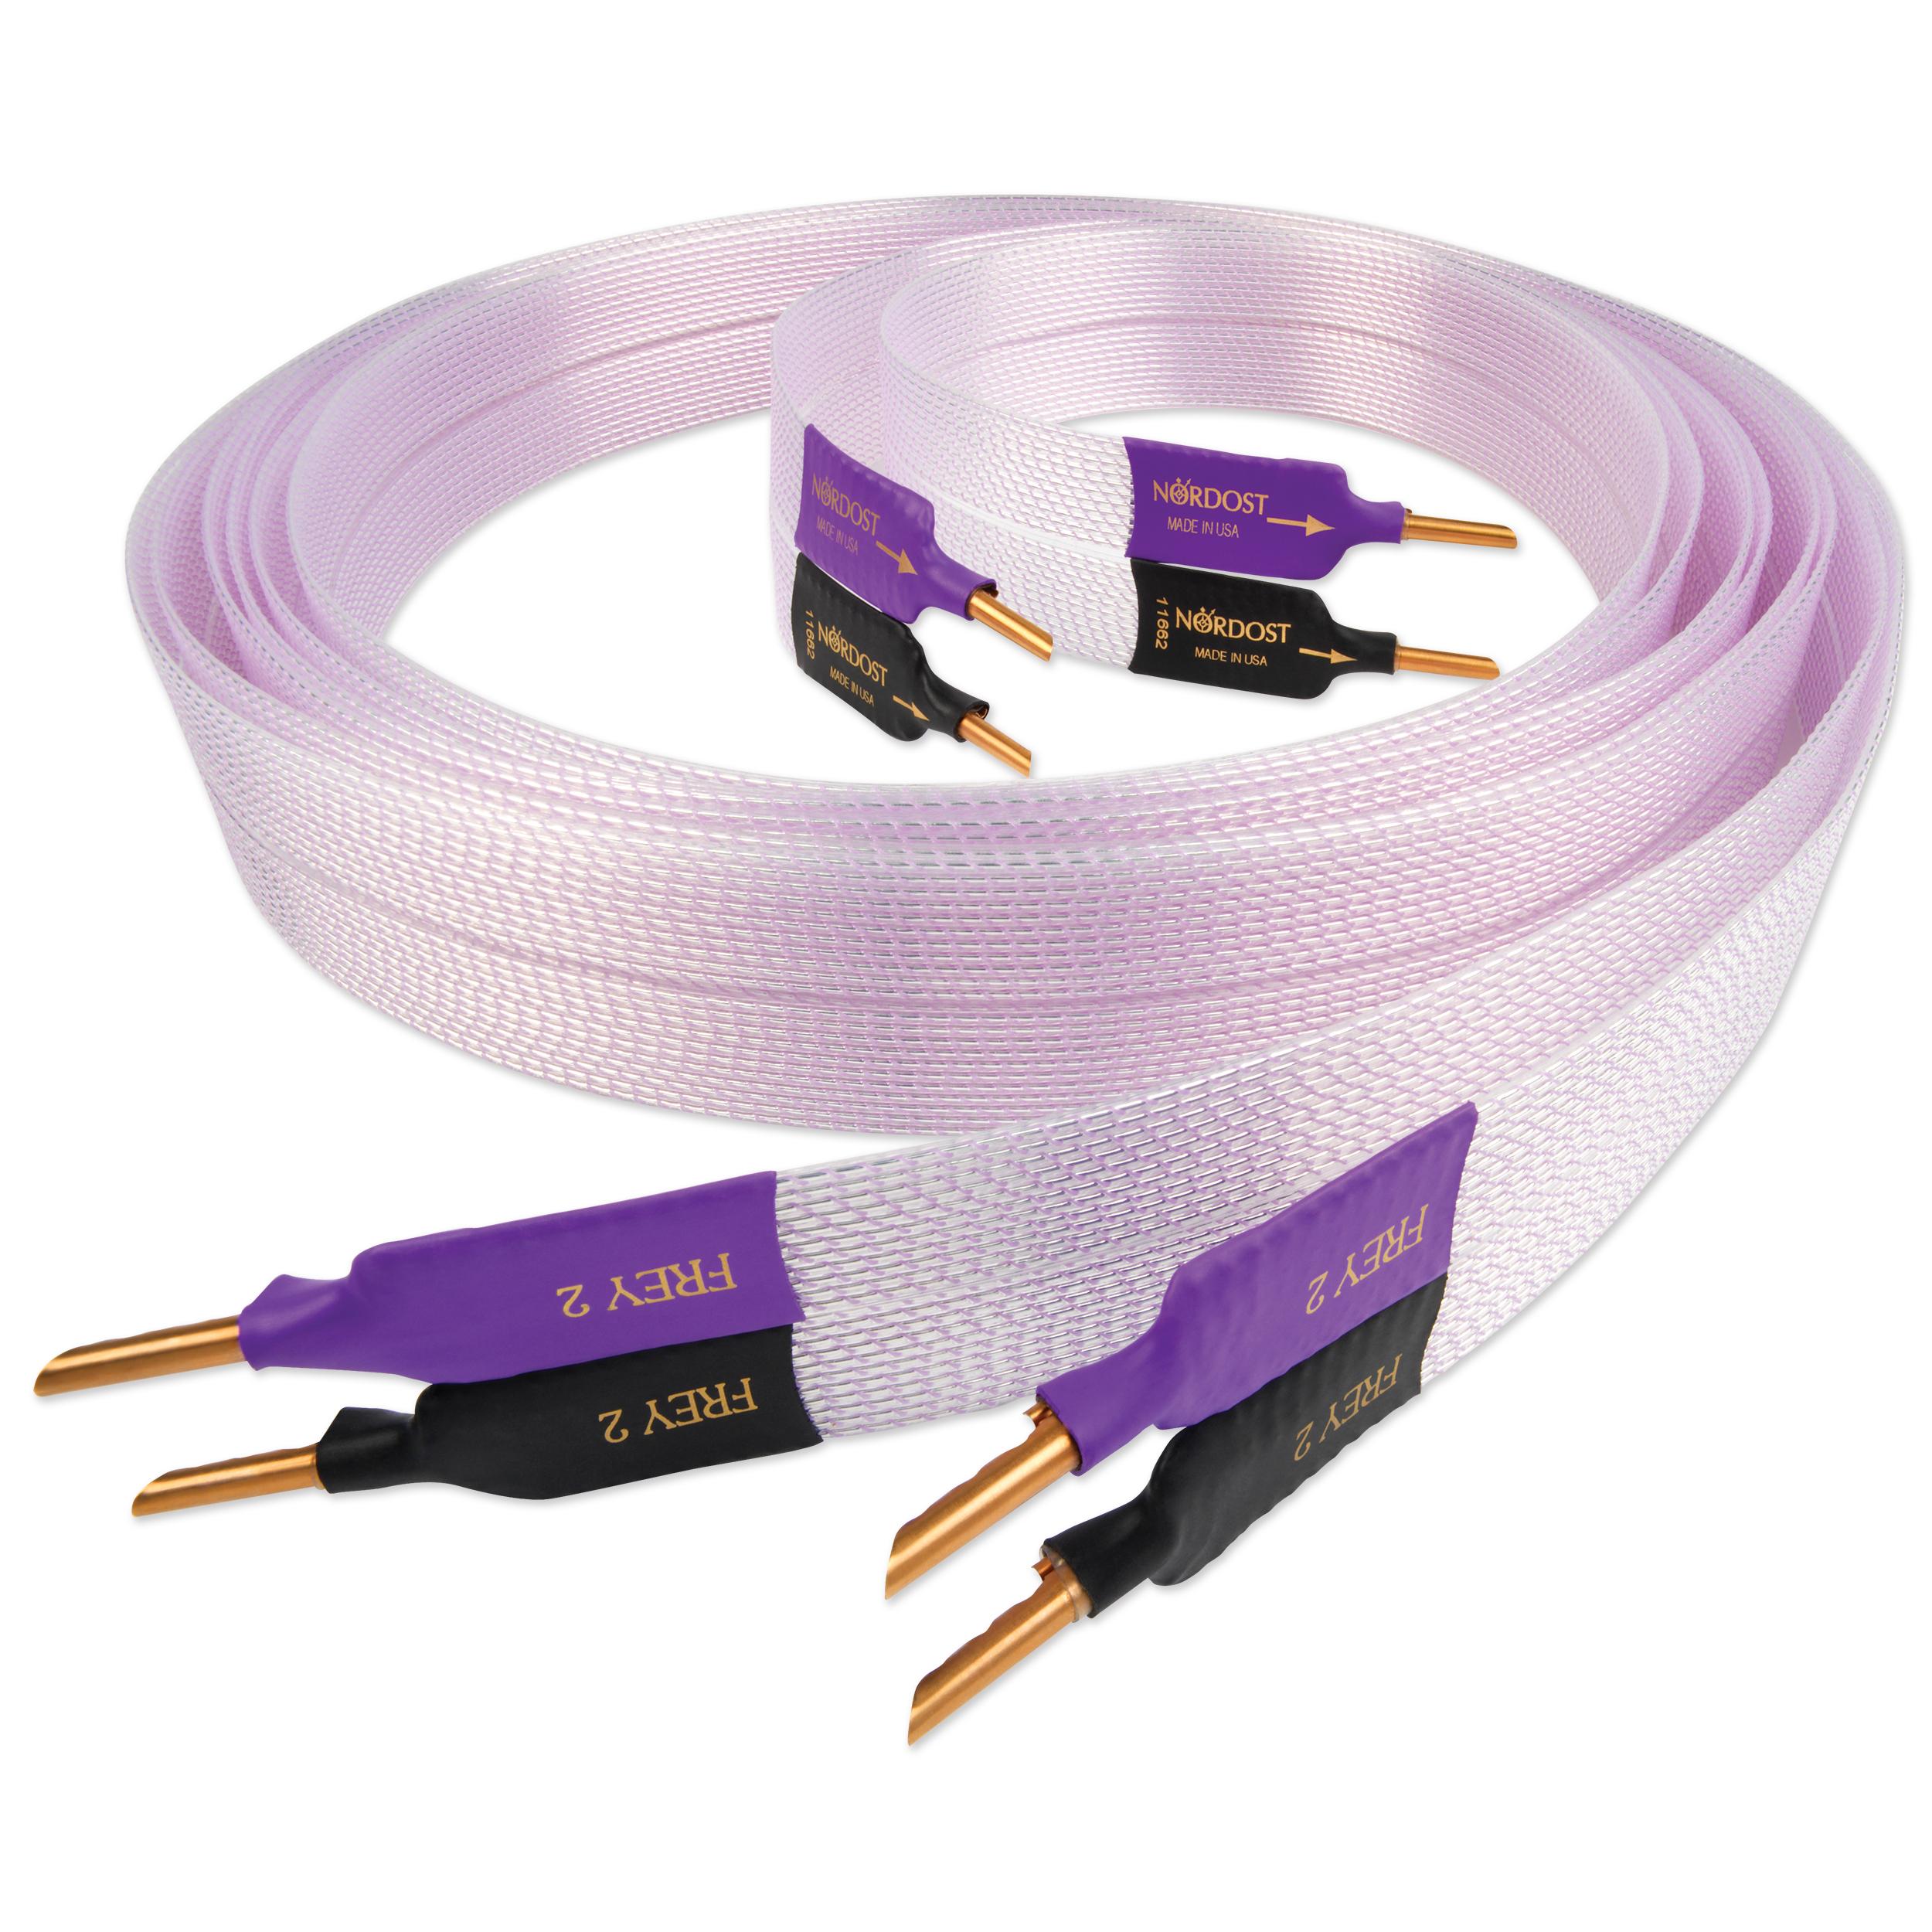 nordost frey 2 speaker cable. Black Bedroom Furniture Sets. Home Design Ideas